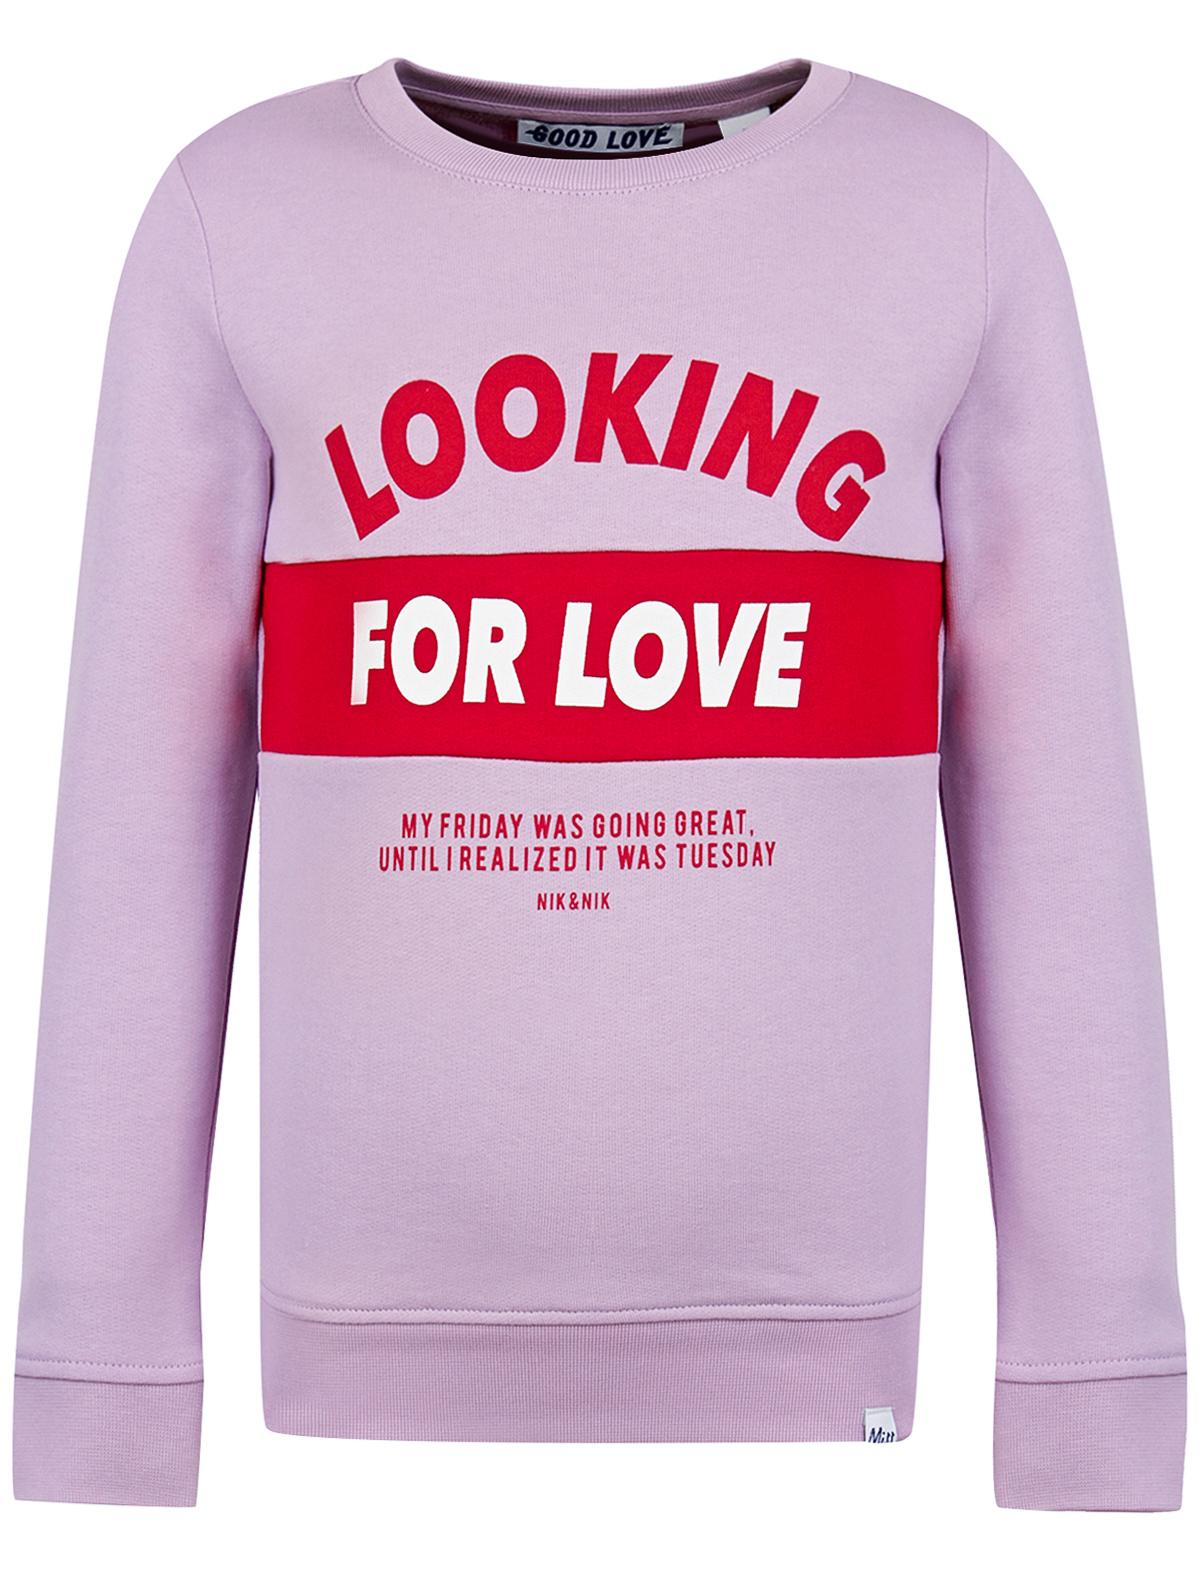 Купить 1988383, Свитшот NIK & NIK, розовый, Женский, 0082009970027